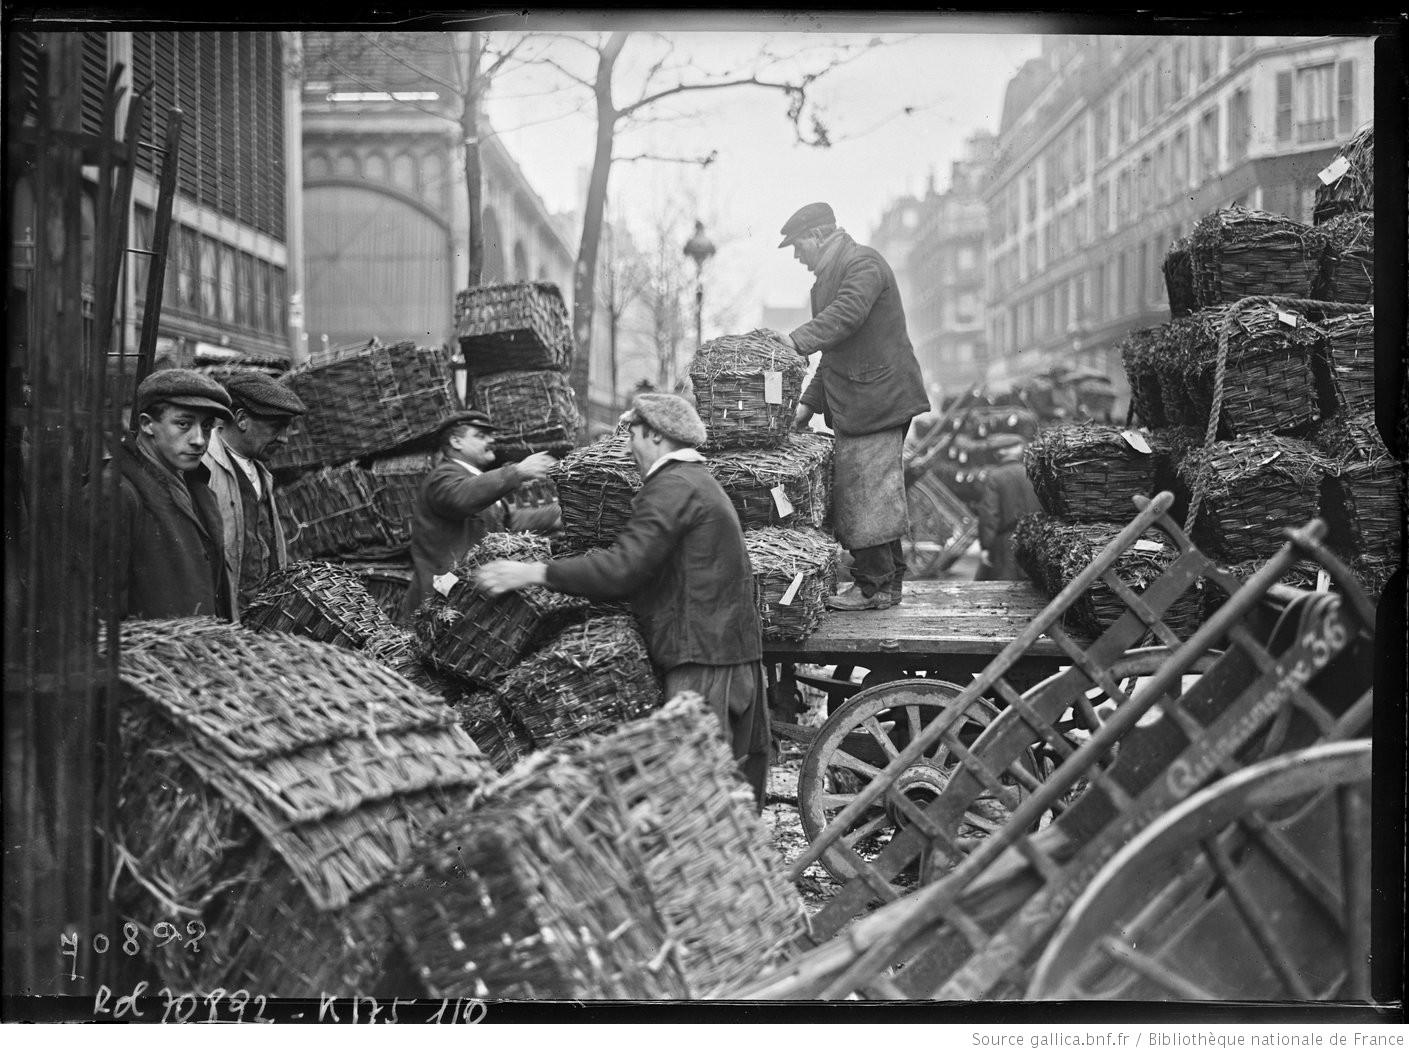 La vie des Halles au petit matin en 1921 : on charge, on décharge et on se prépare pour une longue journée de vente ! #ParisAvant https://t.co/x5YB4EudDZ